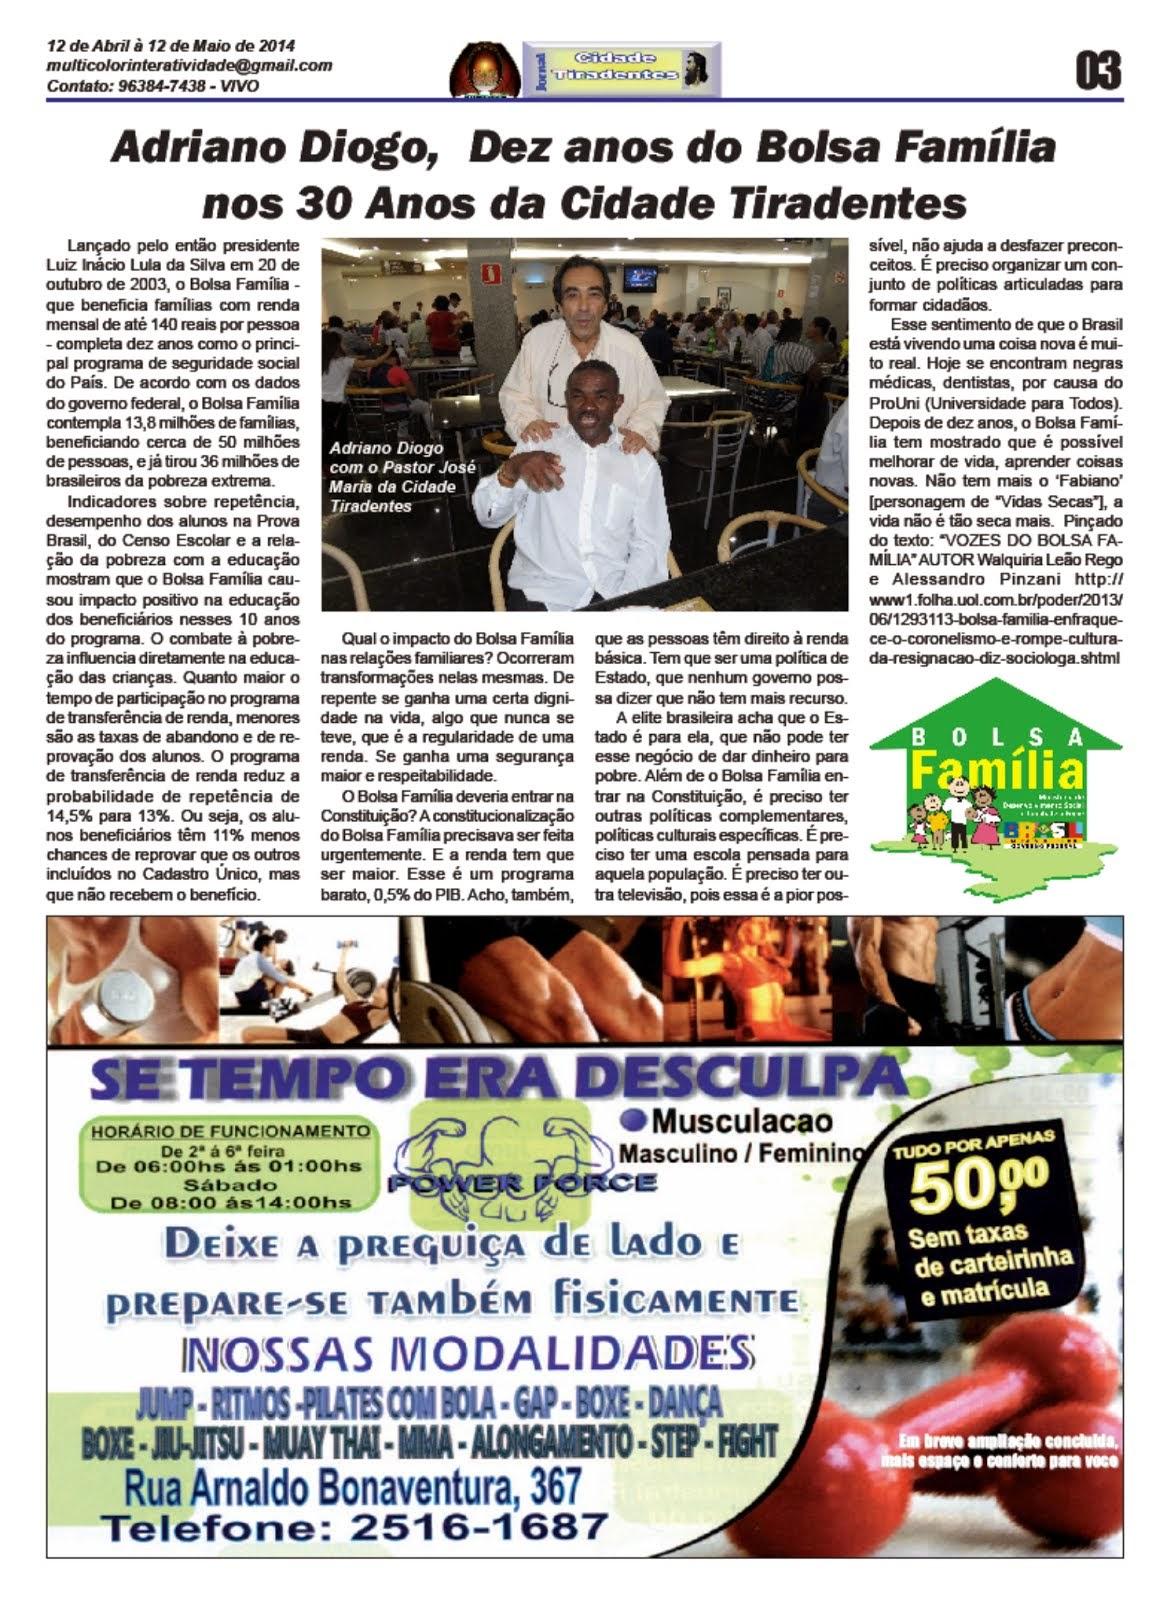 Jornal Cidade Tiradentes 54 Edição nº 54